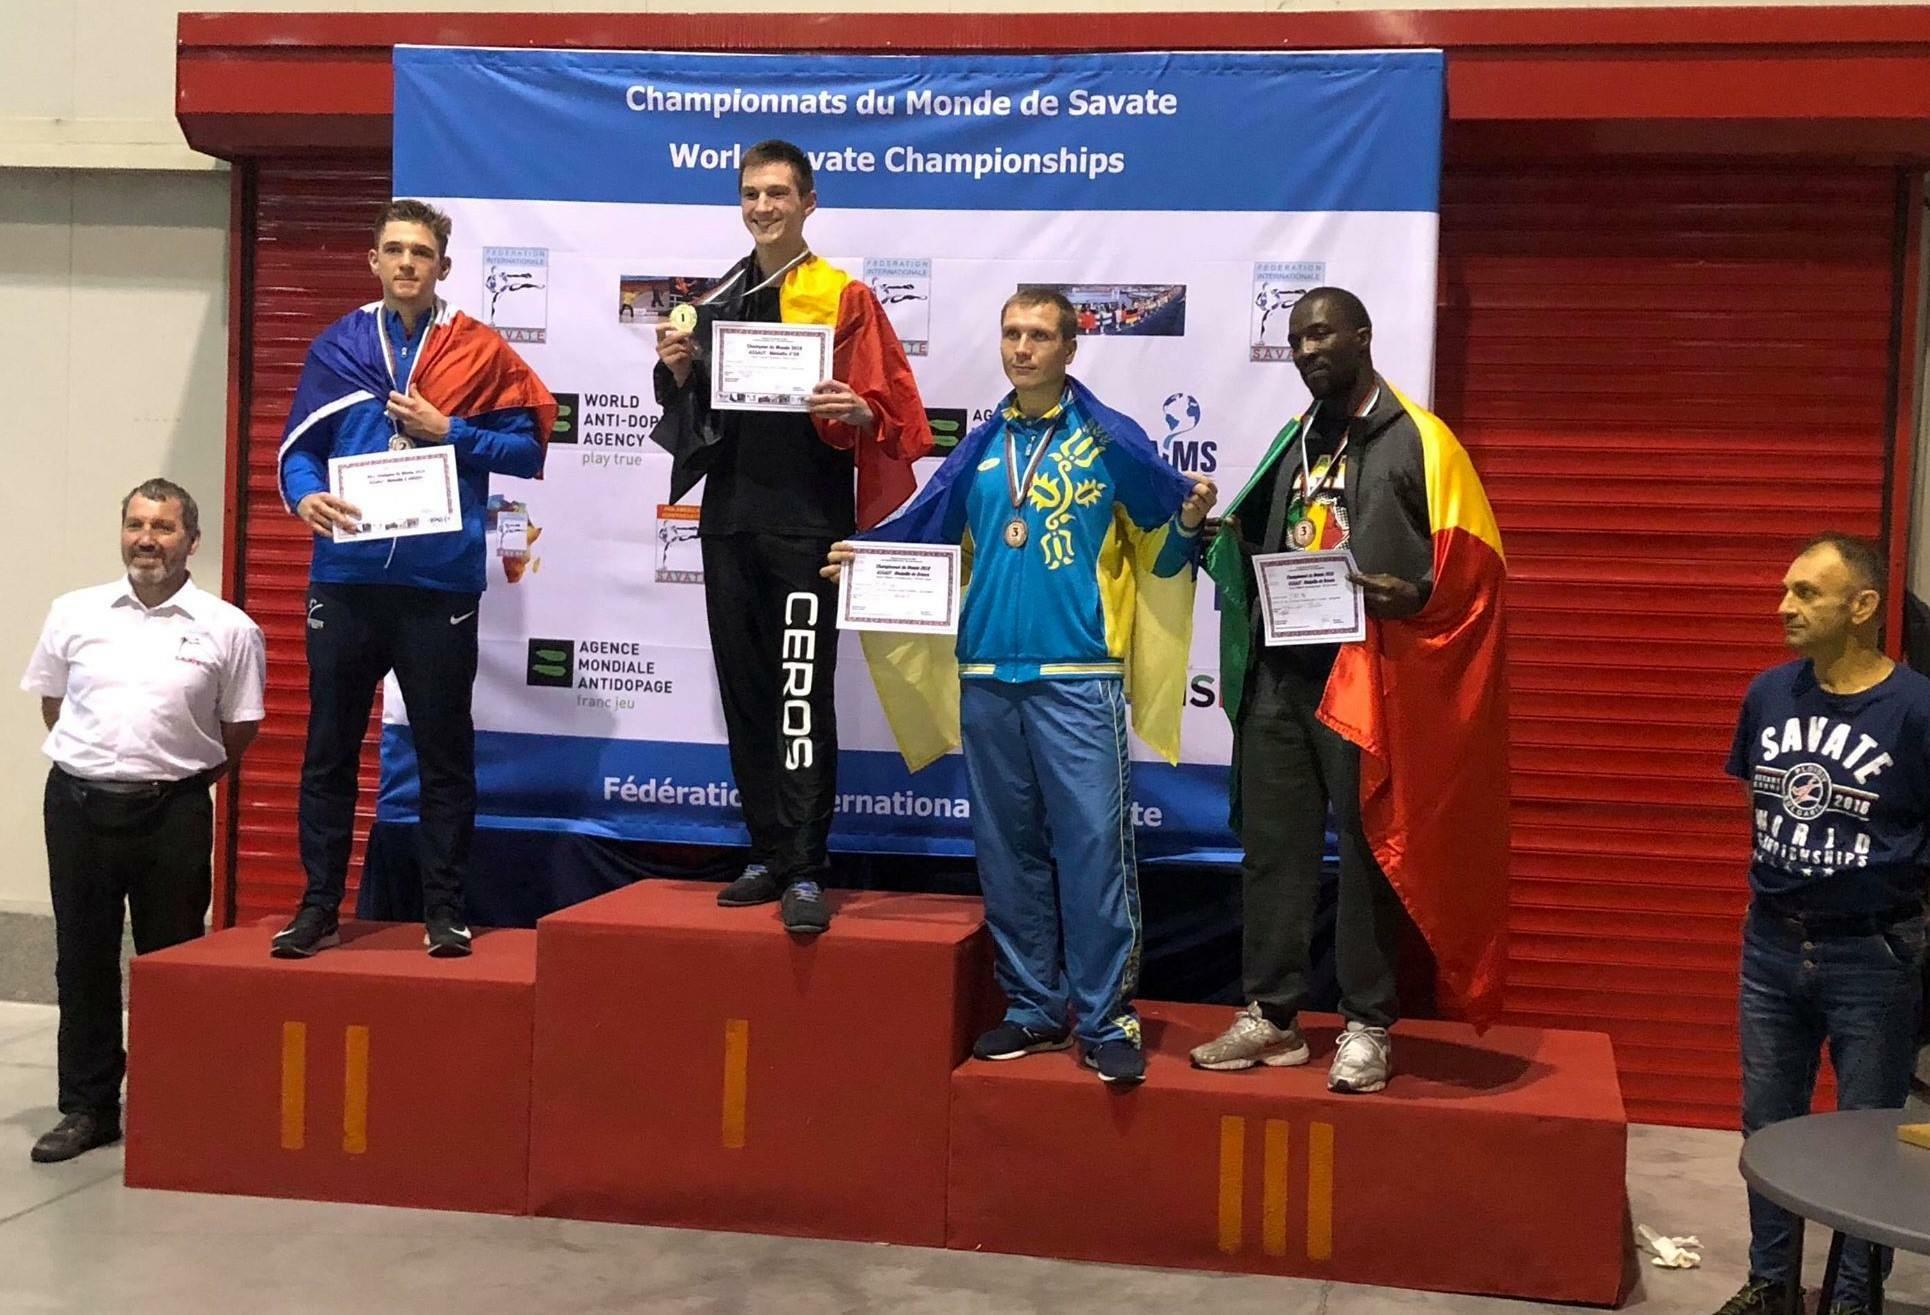 Харків'янин став призером чемпіонату світу з савату